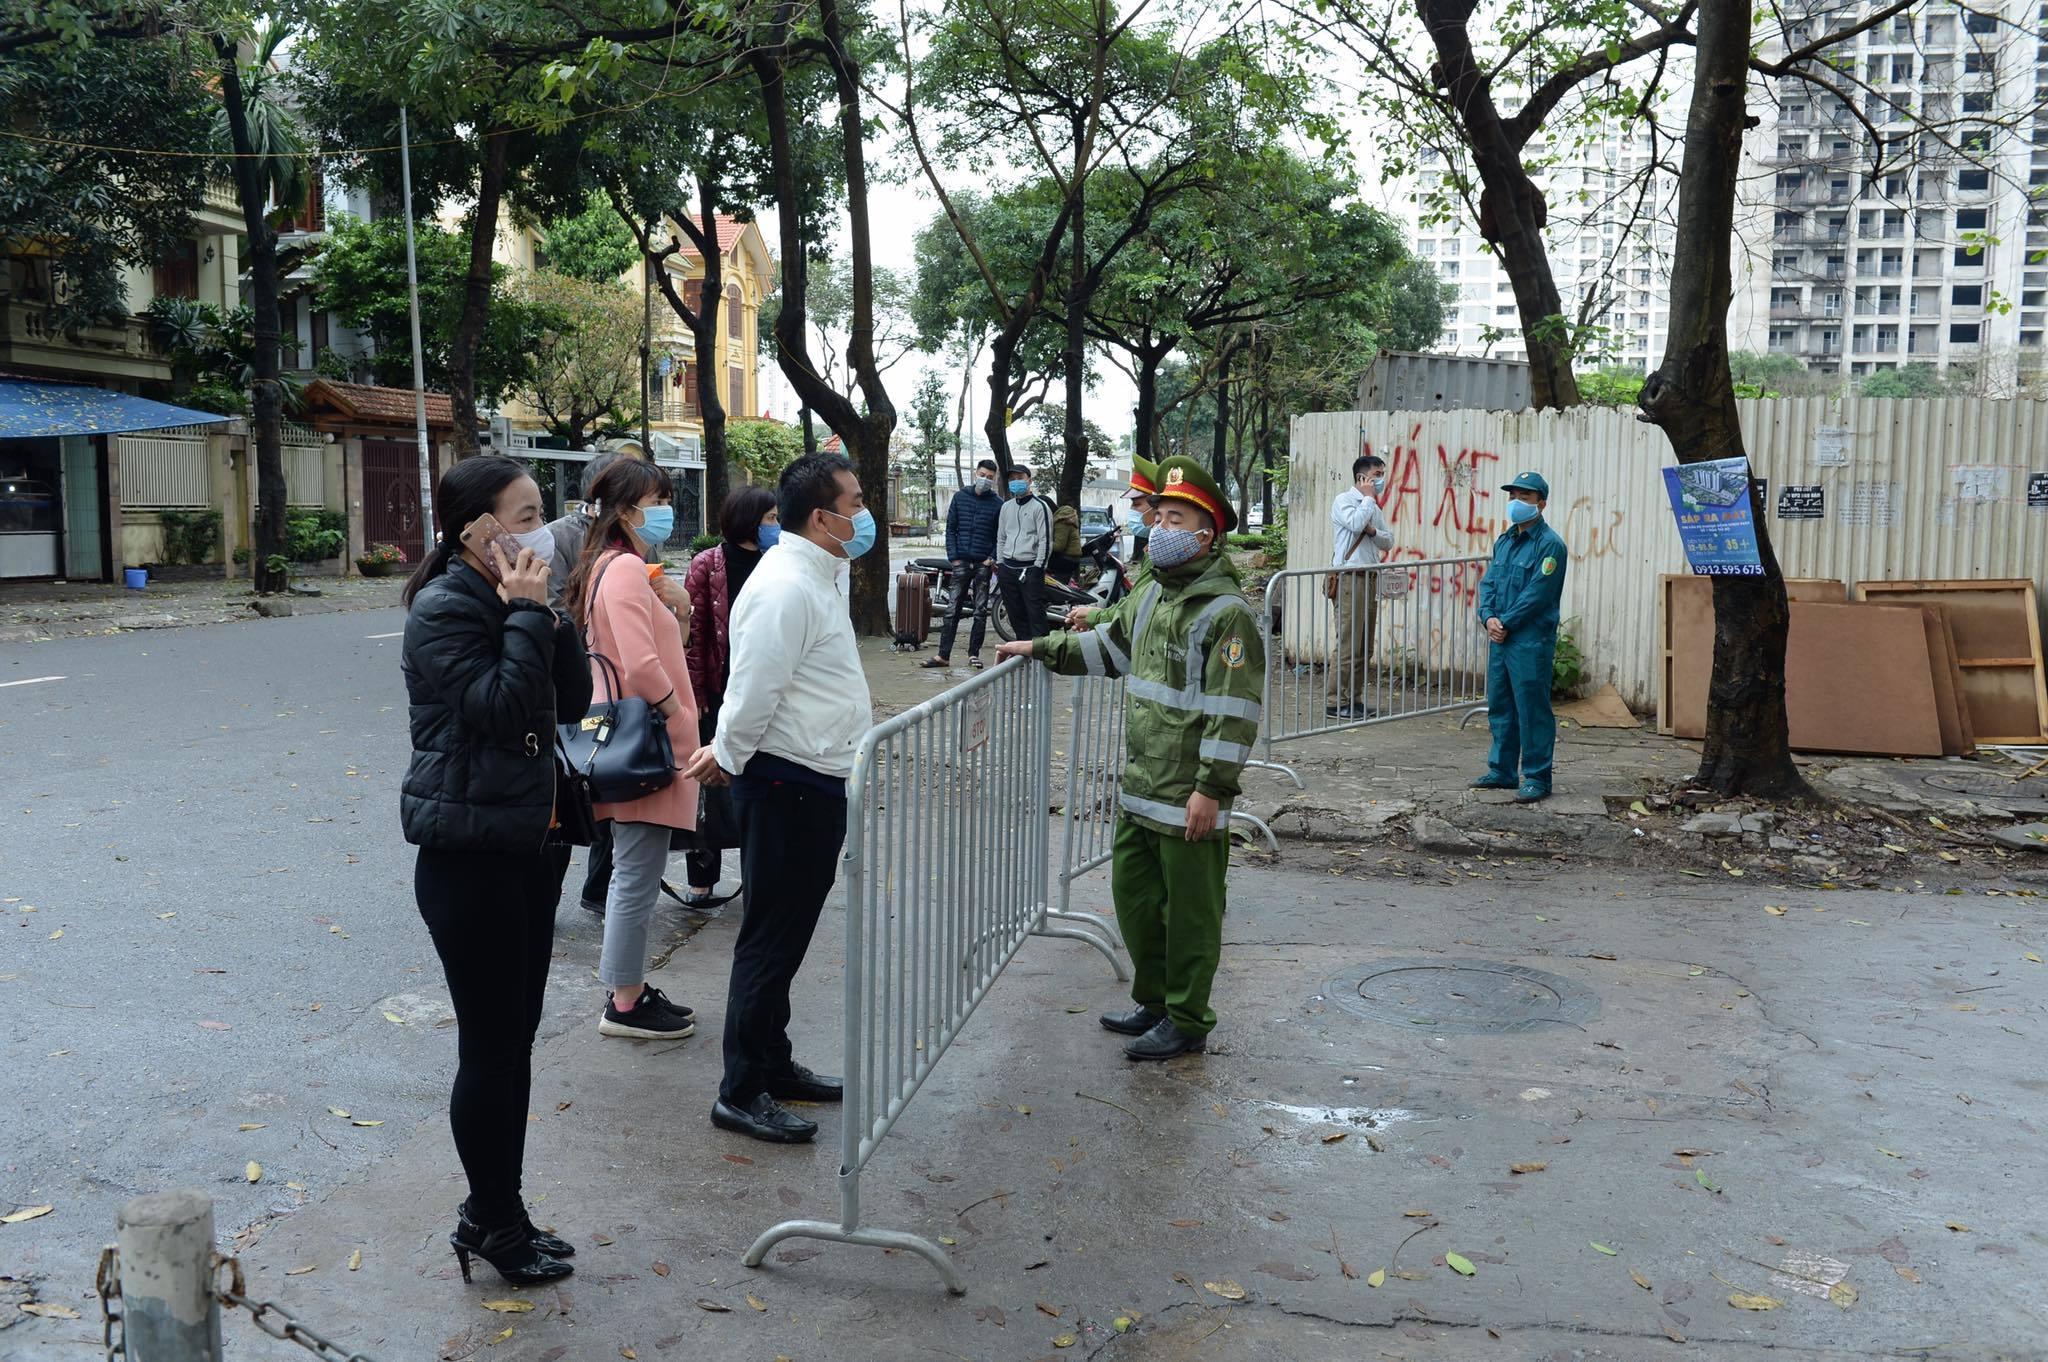 Hình ảnh khu cách ly tập trung đón 4.000 người ở Thủ đô